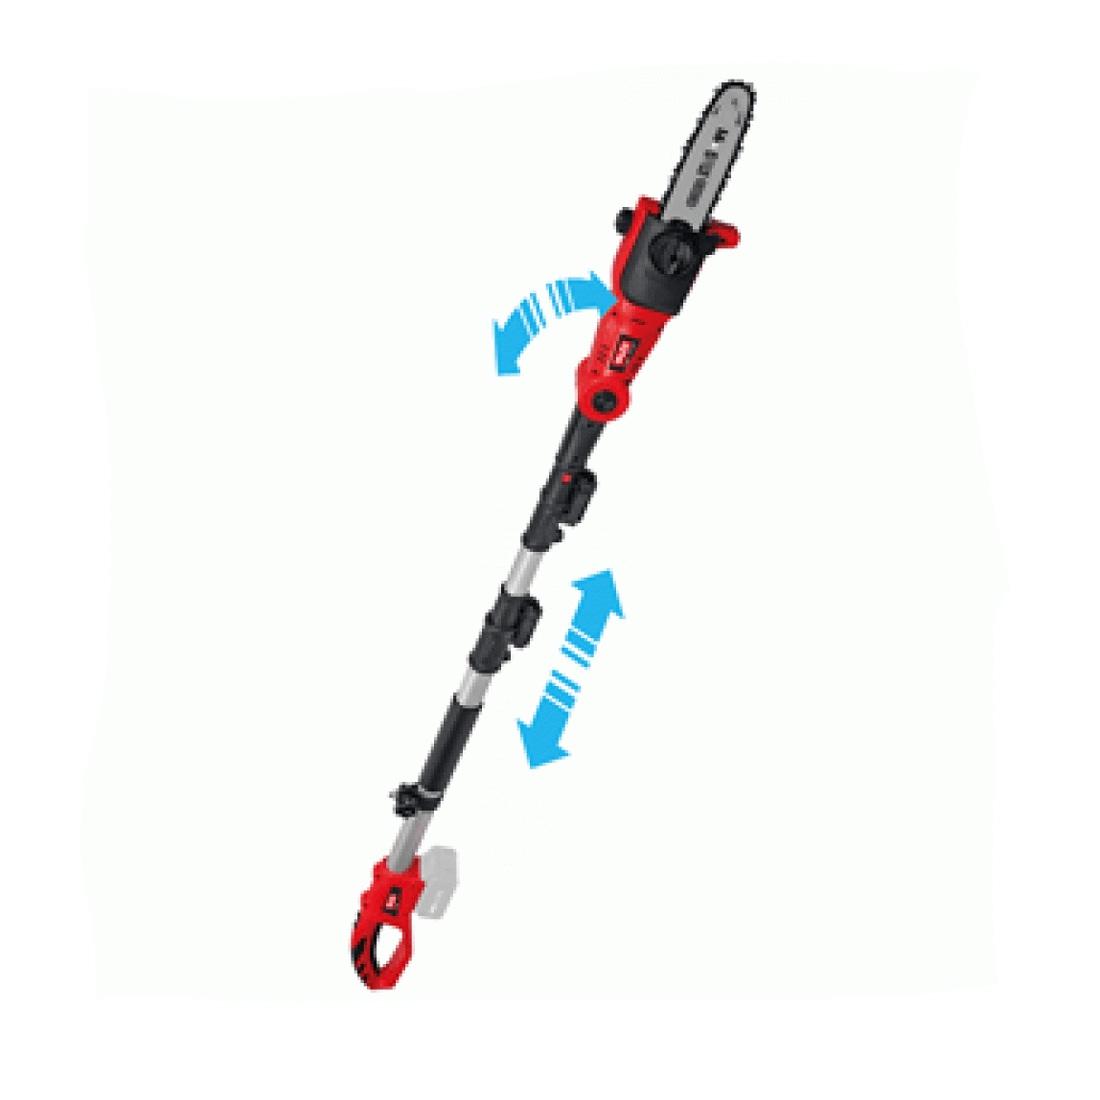 Valex M-SCT18 bar 24 cm Telescopic battery pruner